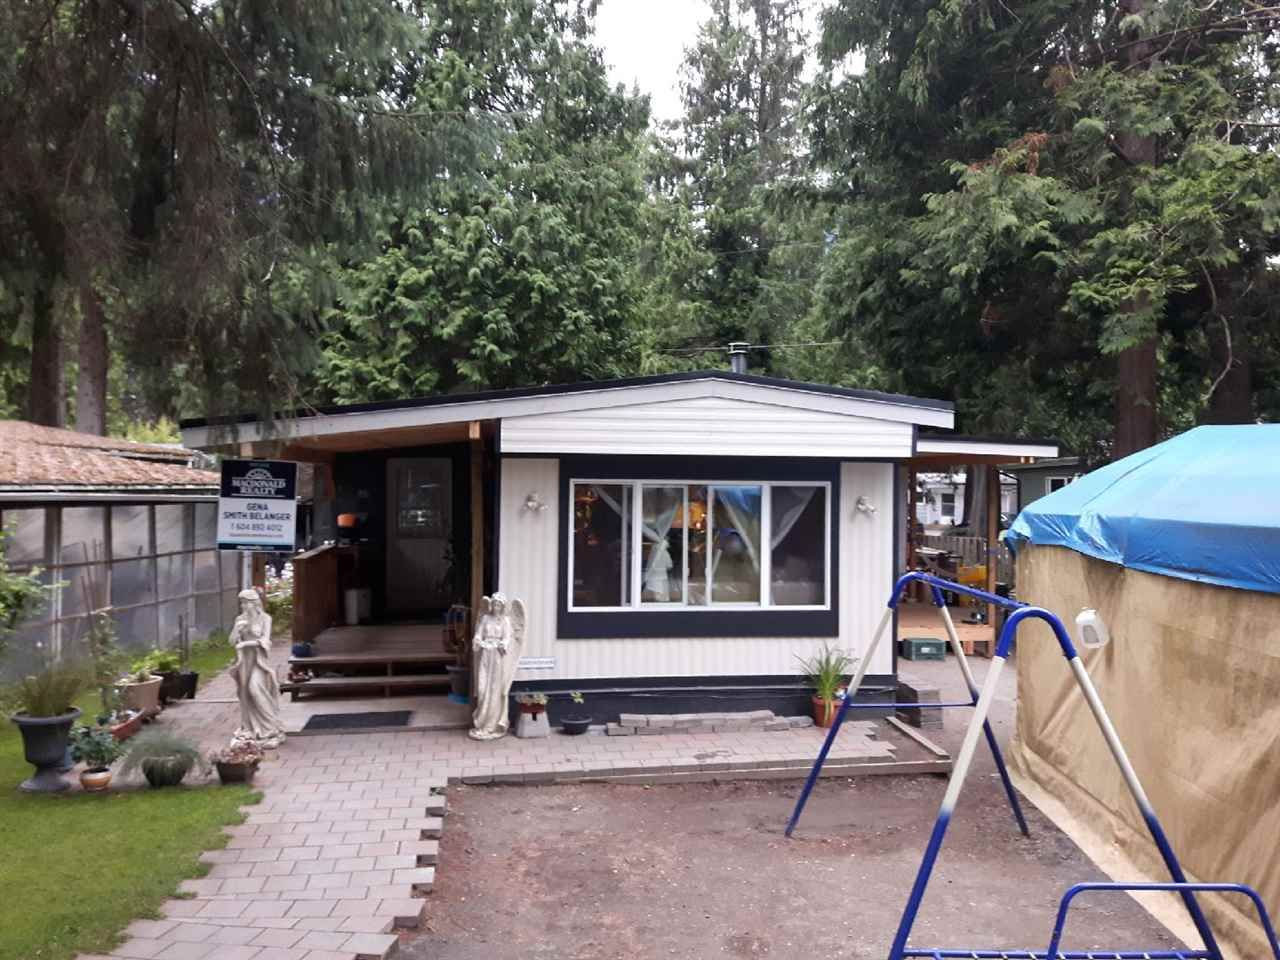 """Main Photo: 231 1830 MAMQUAM Road in Squamish: Garibaldi Estates Manufactured Home for sale in """"Timber Town Estates"""" : MLS®# R2236016"""